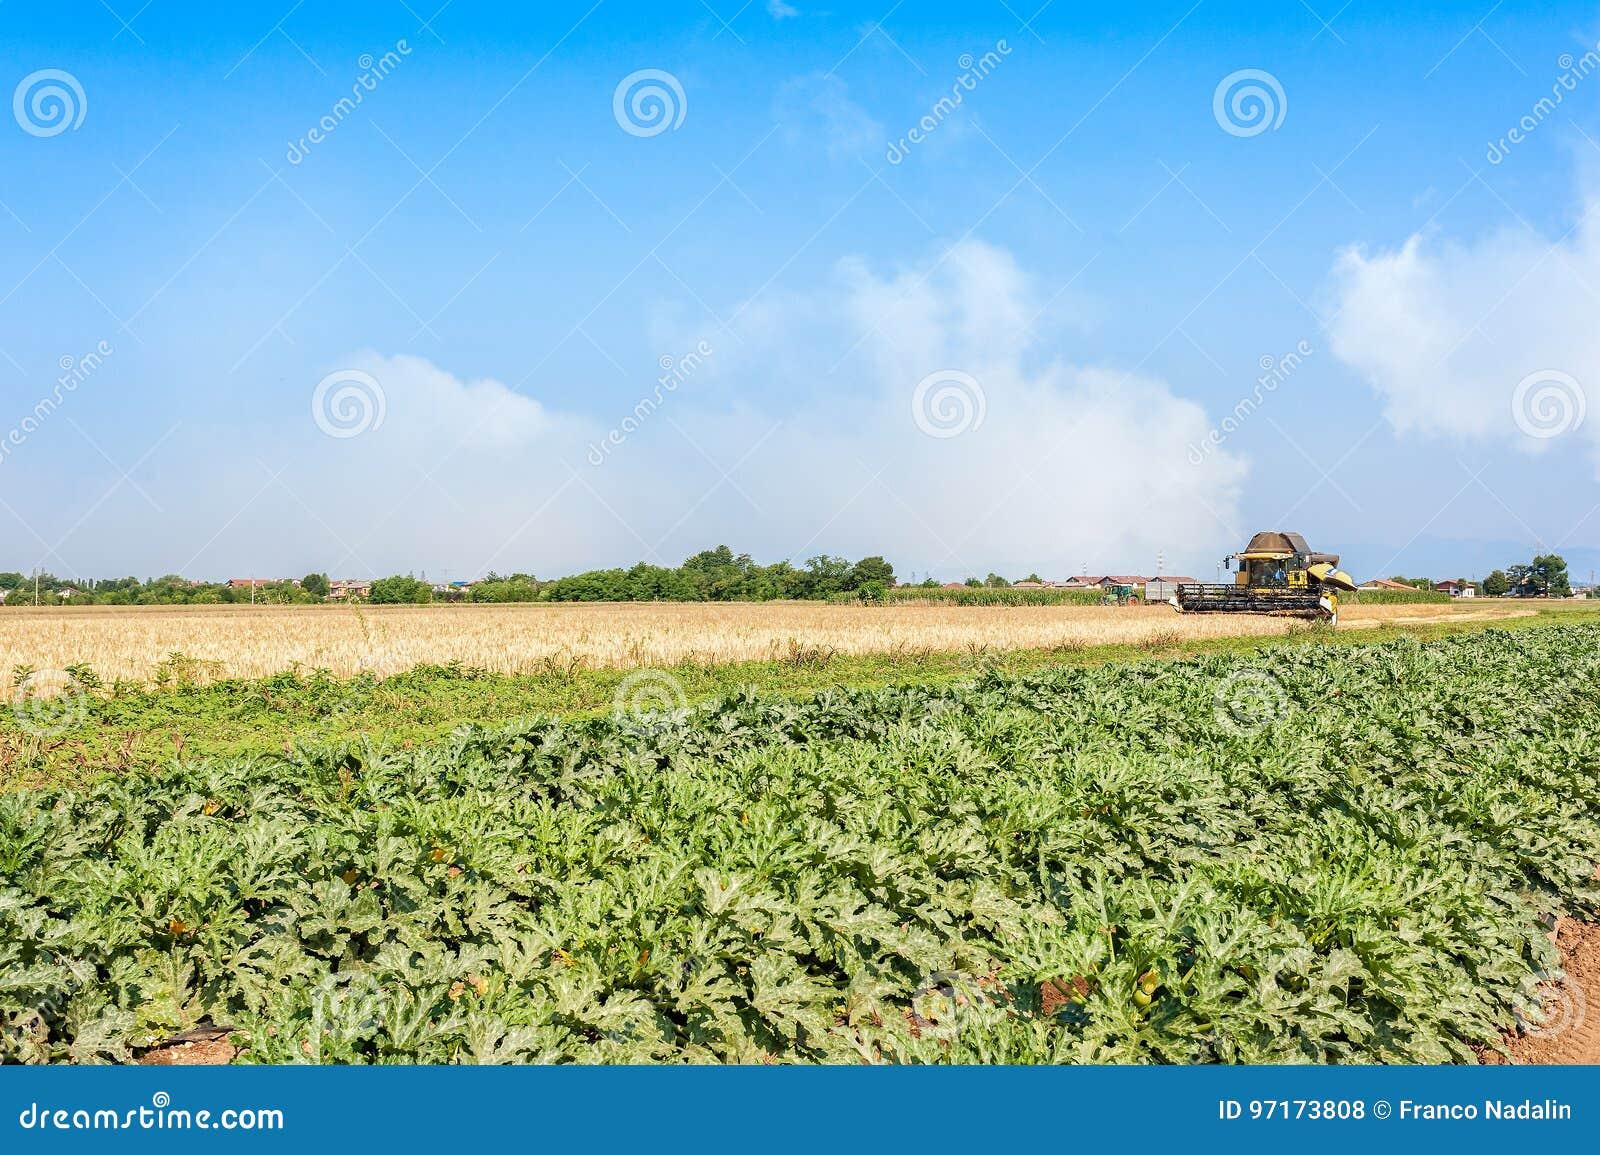 Champ de champ de courgette et de blé avec la batteuse au travail